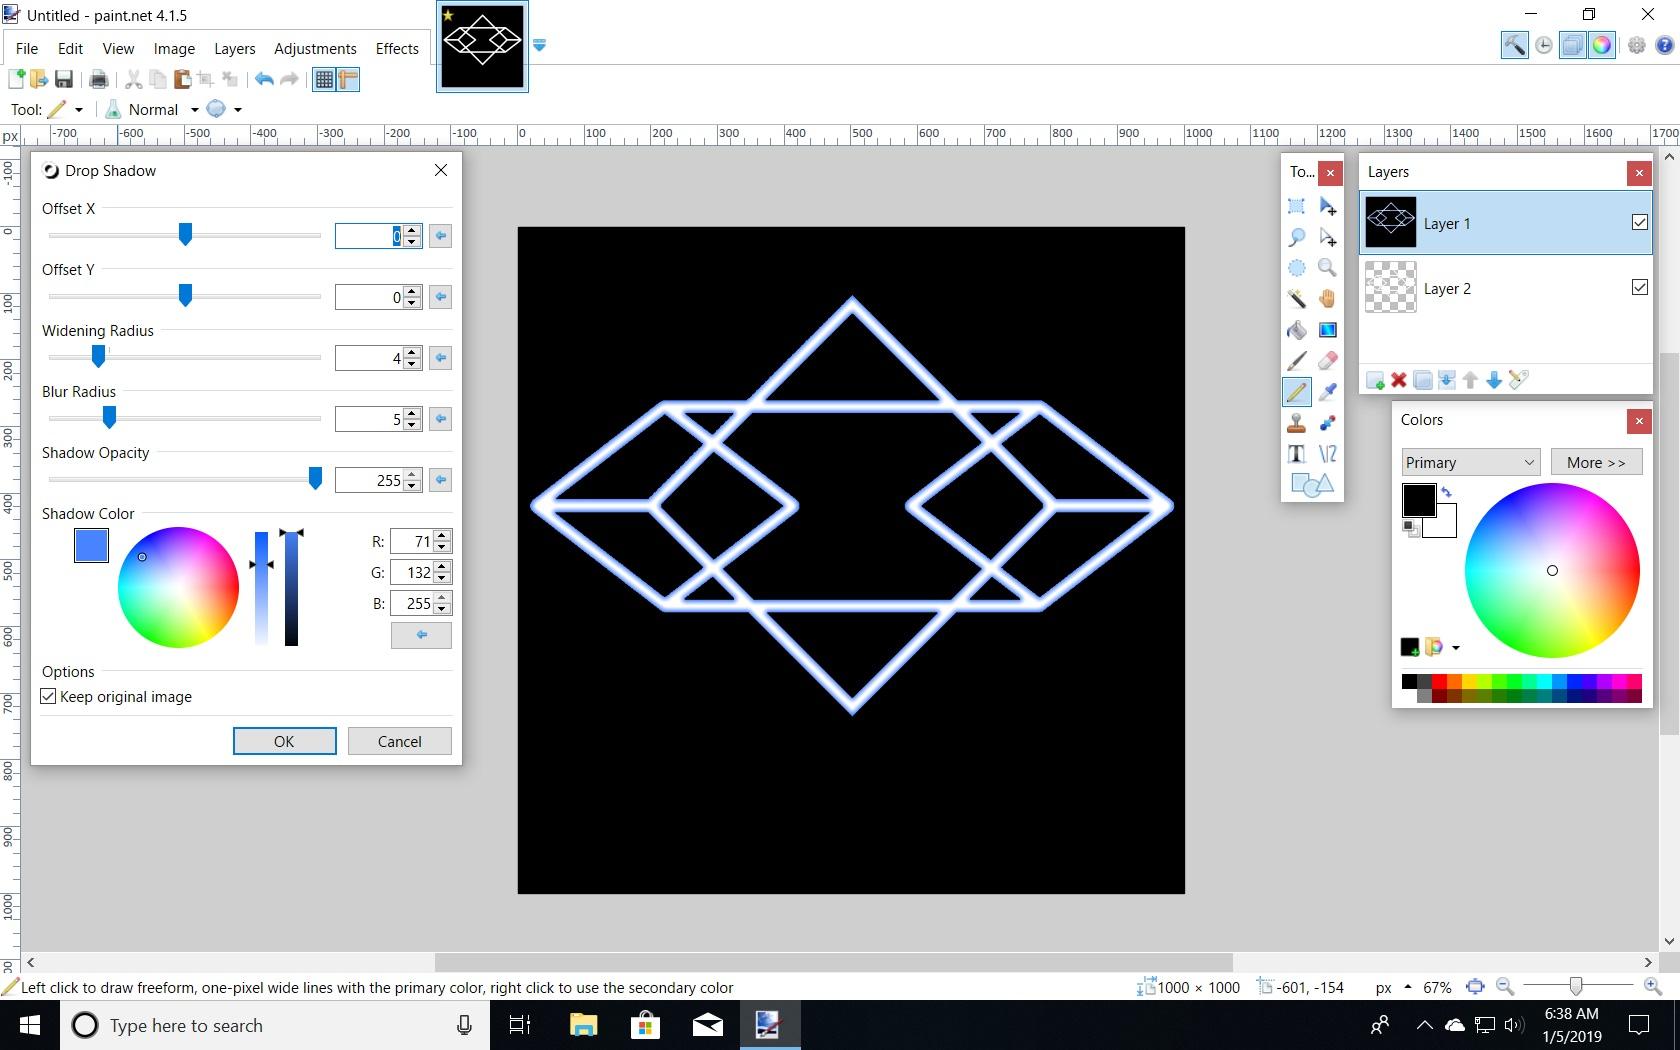 shape_1.jpg